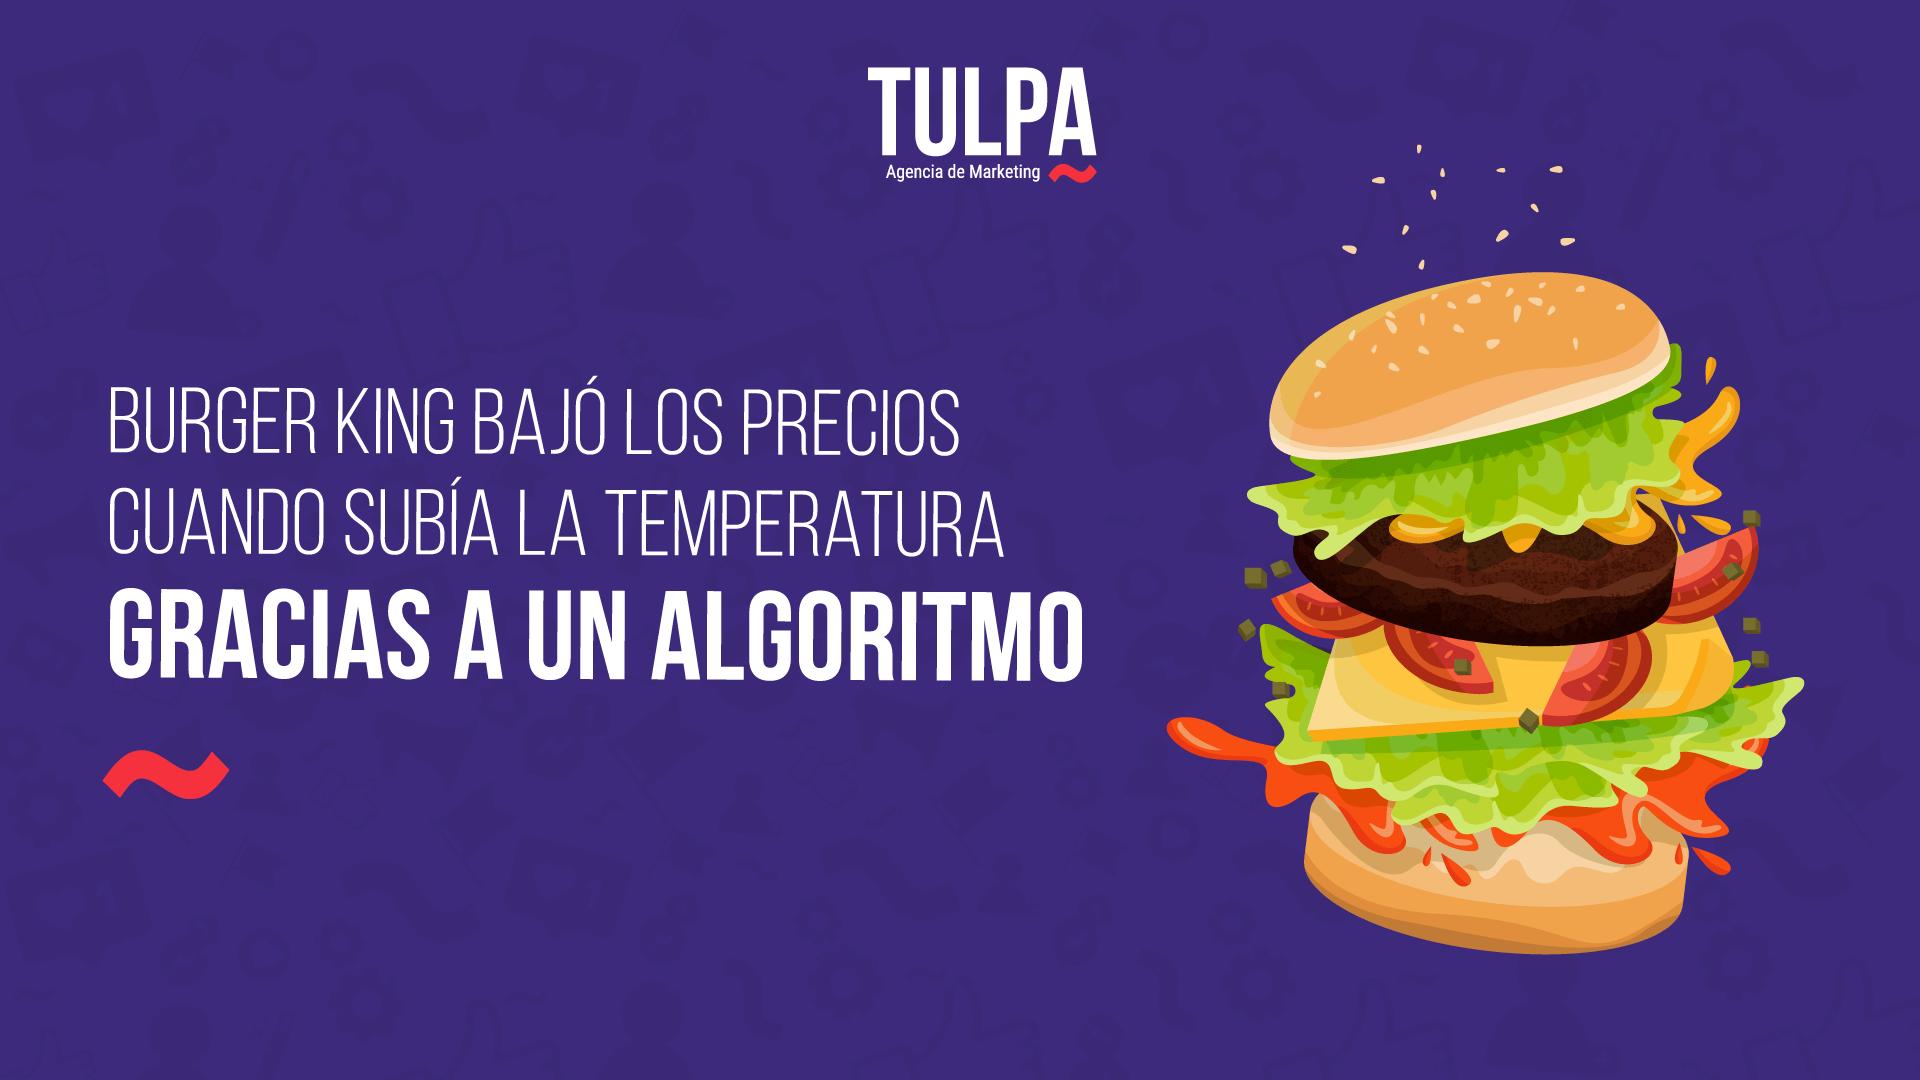 Burger King bajó los precios cuando subía la temperatura gracias a un algoritmo.